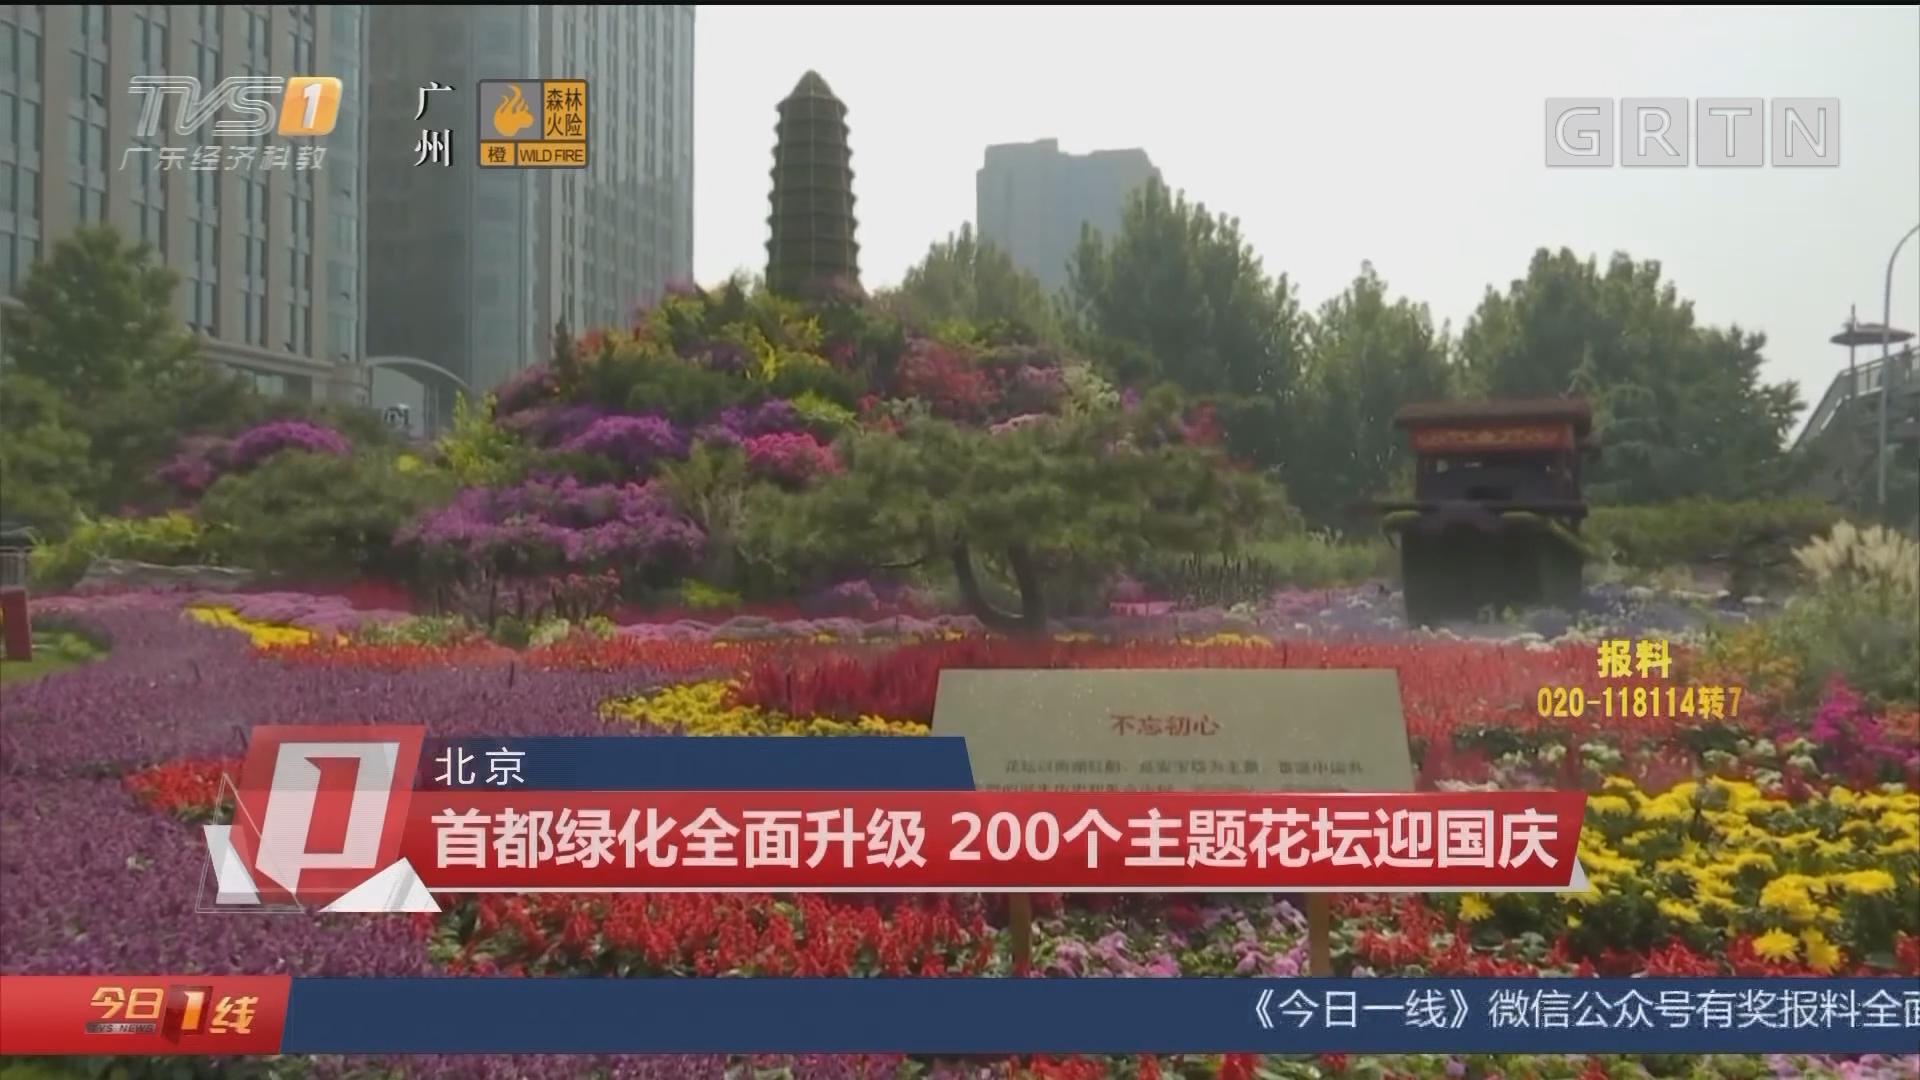 北京:首都绿化全面升级 200个主题花坛迎国庆